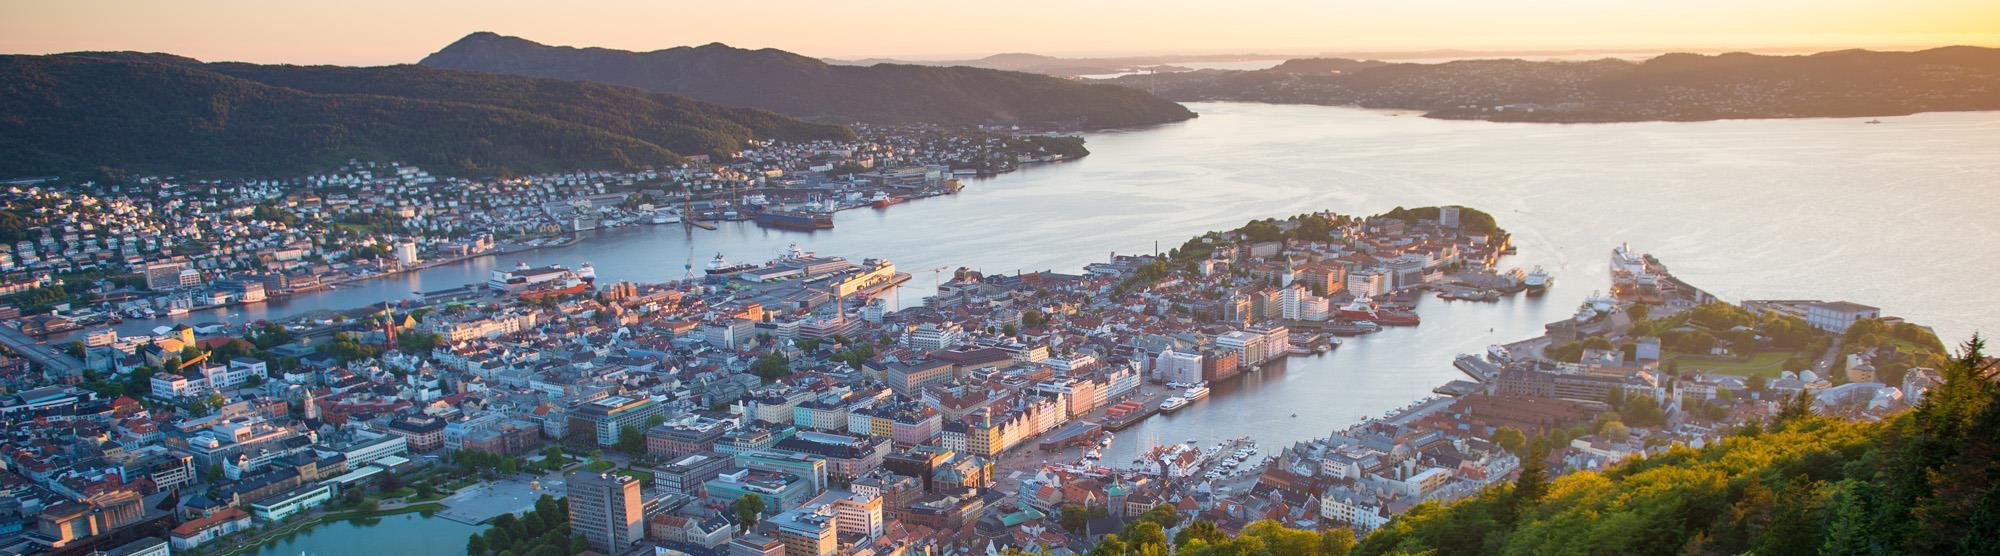 Unterkunft in Bergen